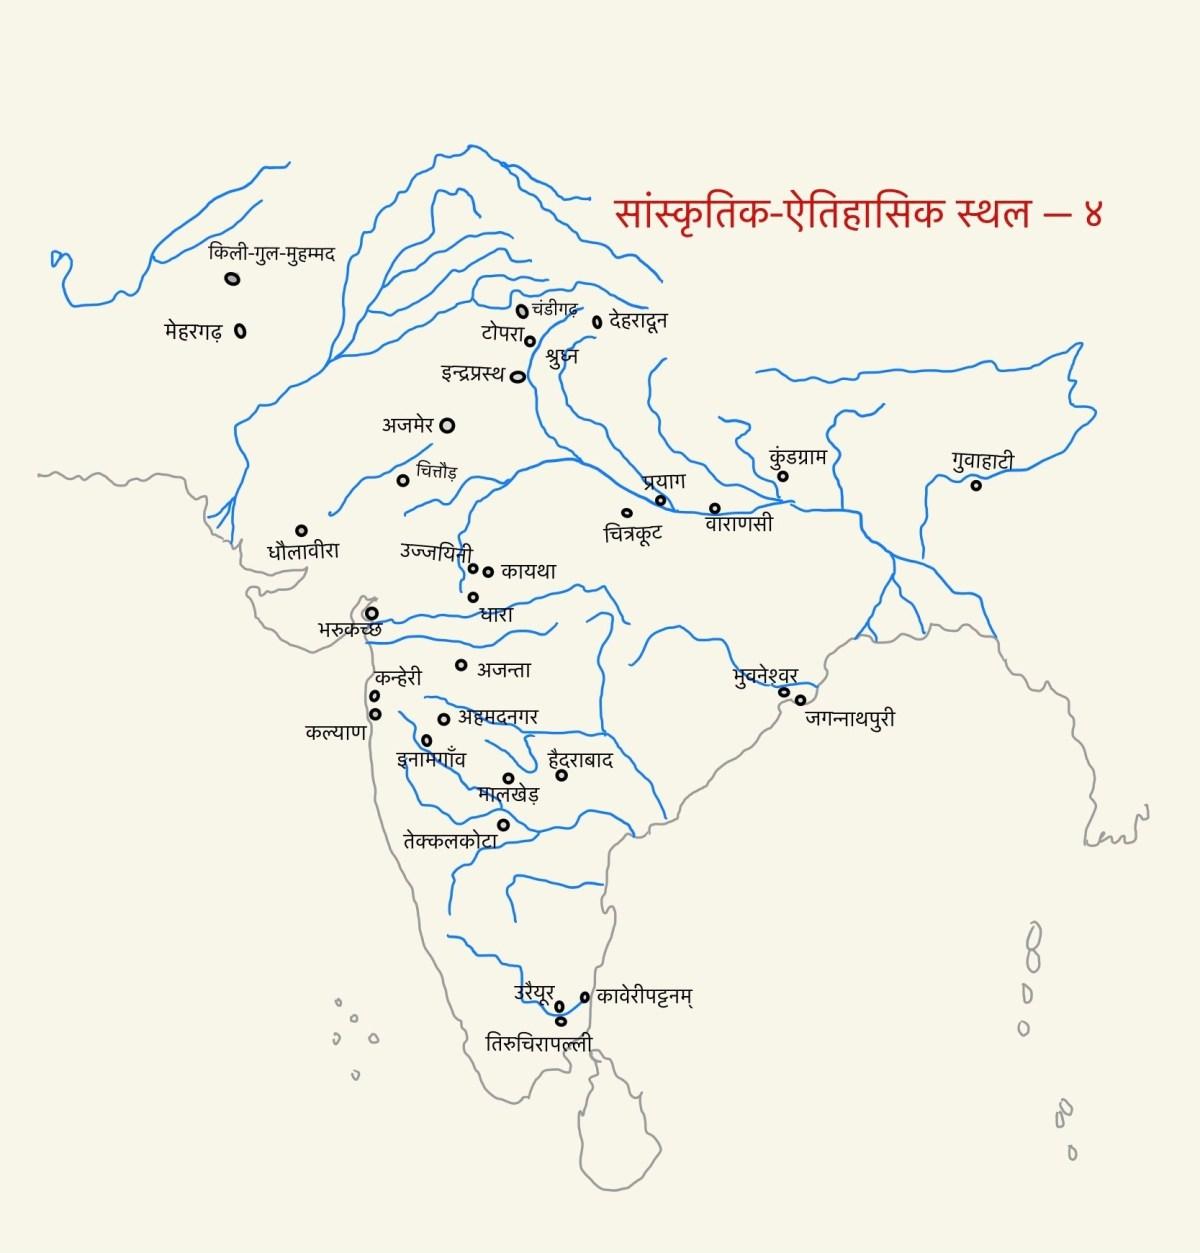 सांस्कृतिक और ऐतिहासिक स्थल का मानचित्रण भाग - ४